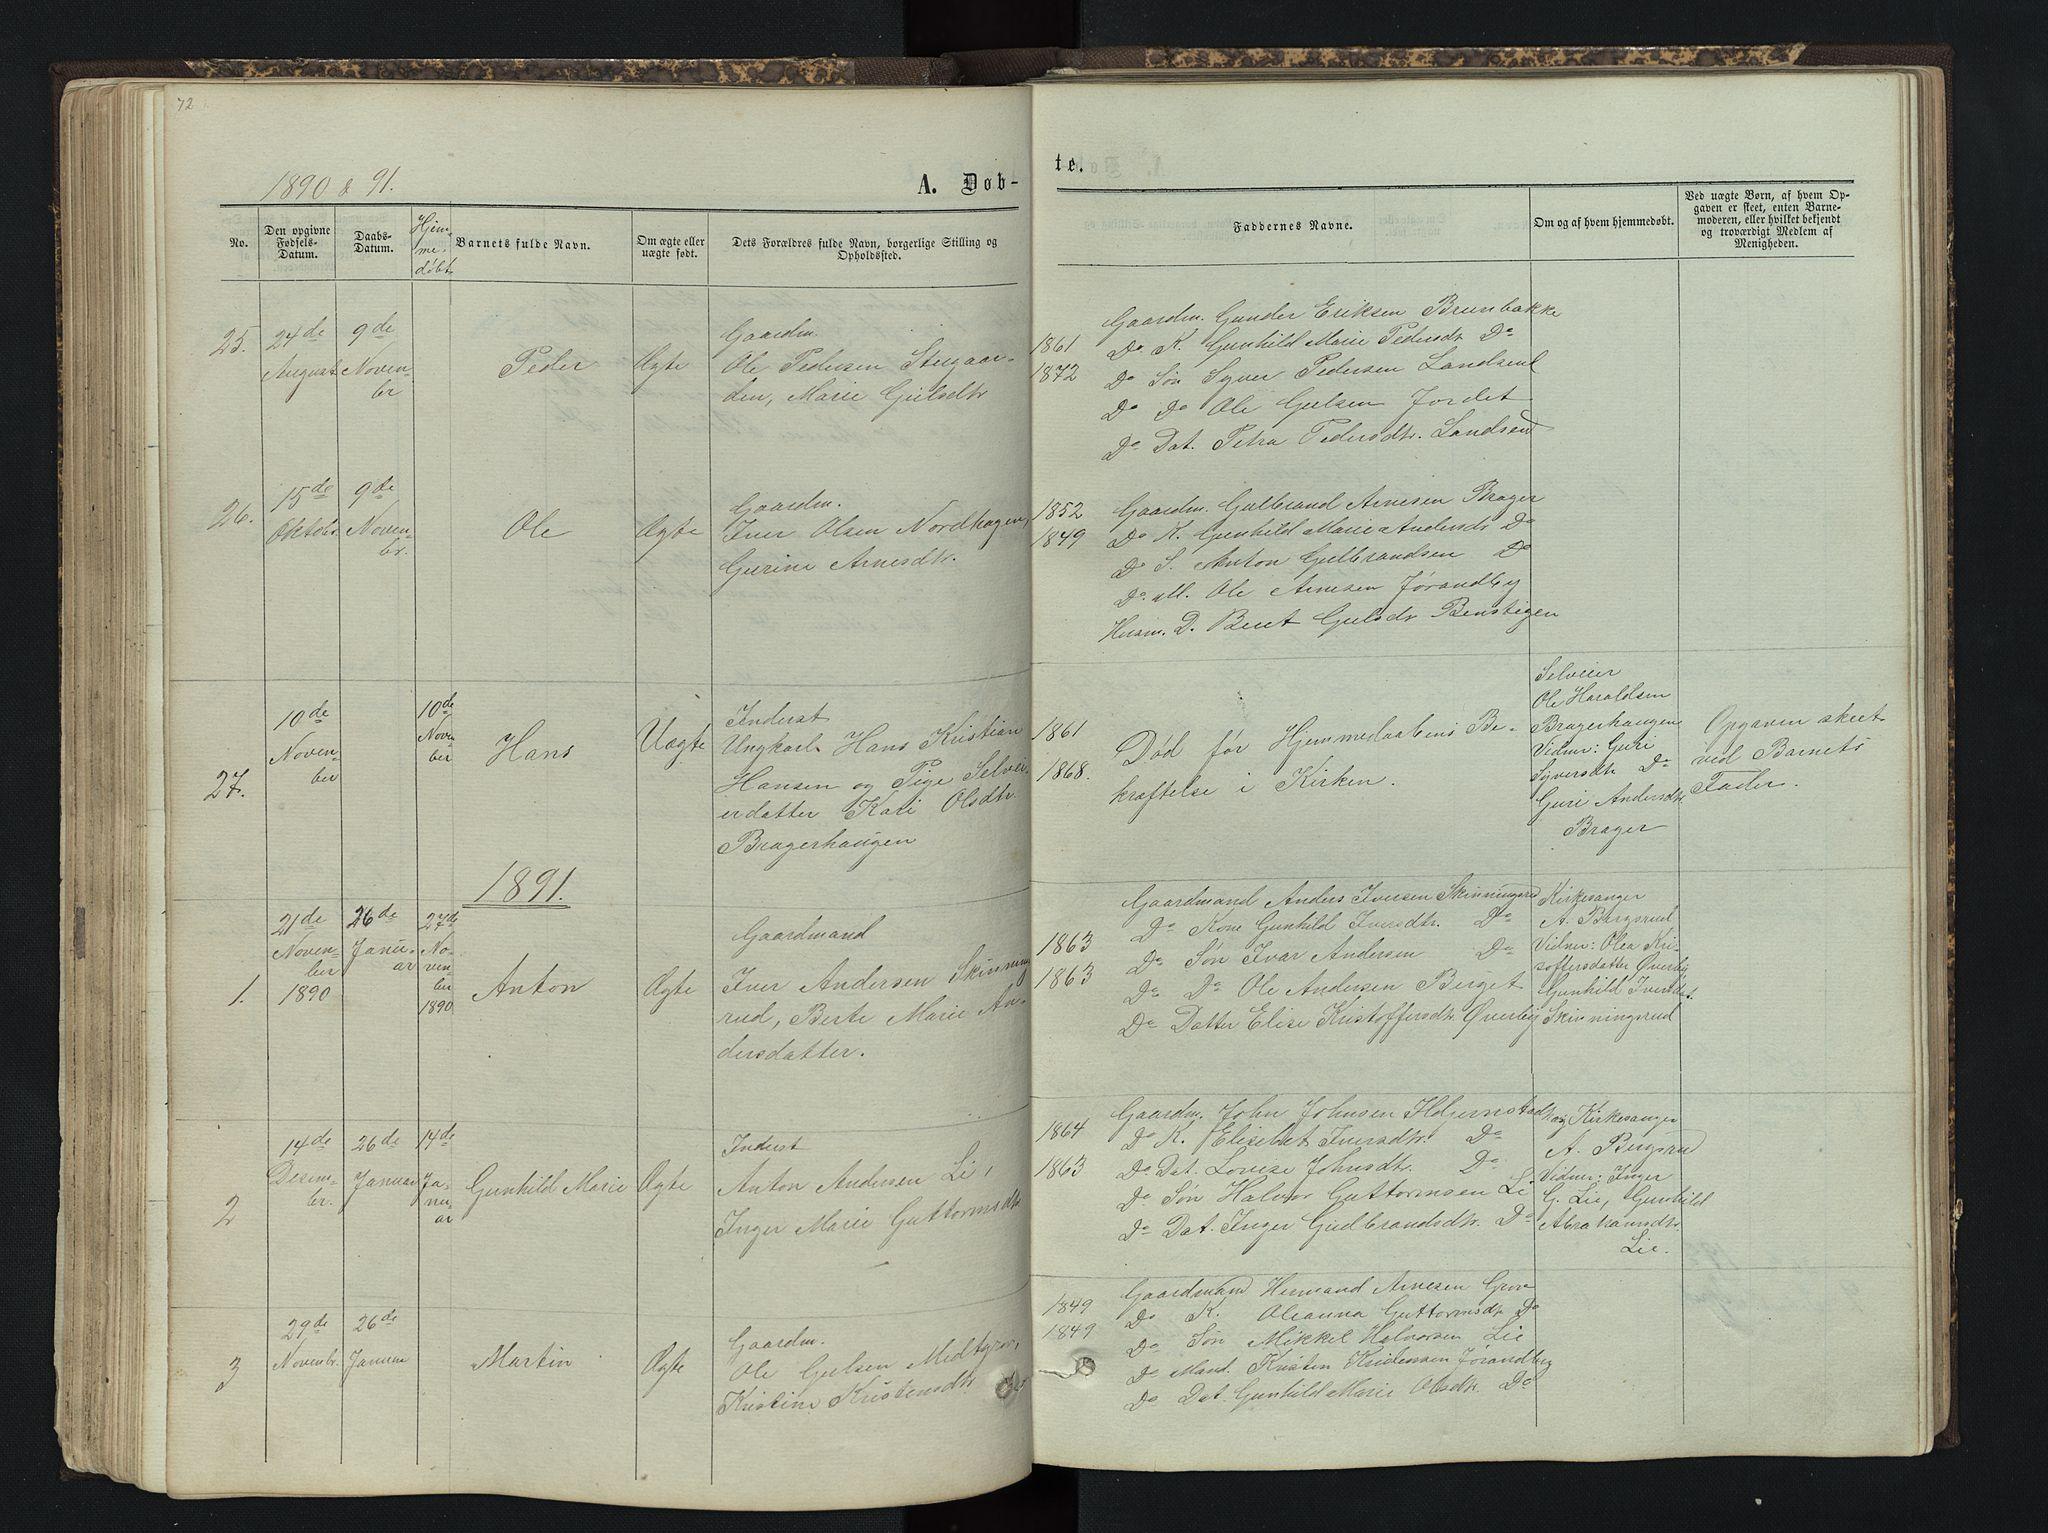 SAH, Sør-Aurdal prestekontor, Klokkerbok nr. 4, 1865-1893, s. 72